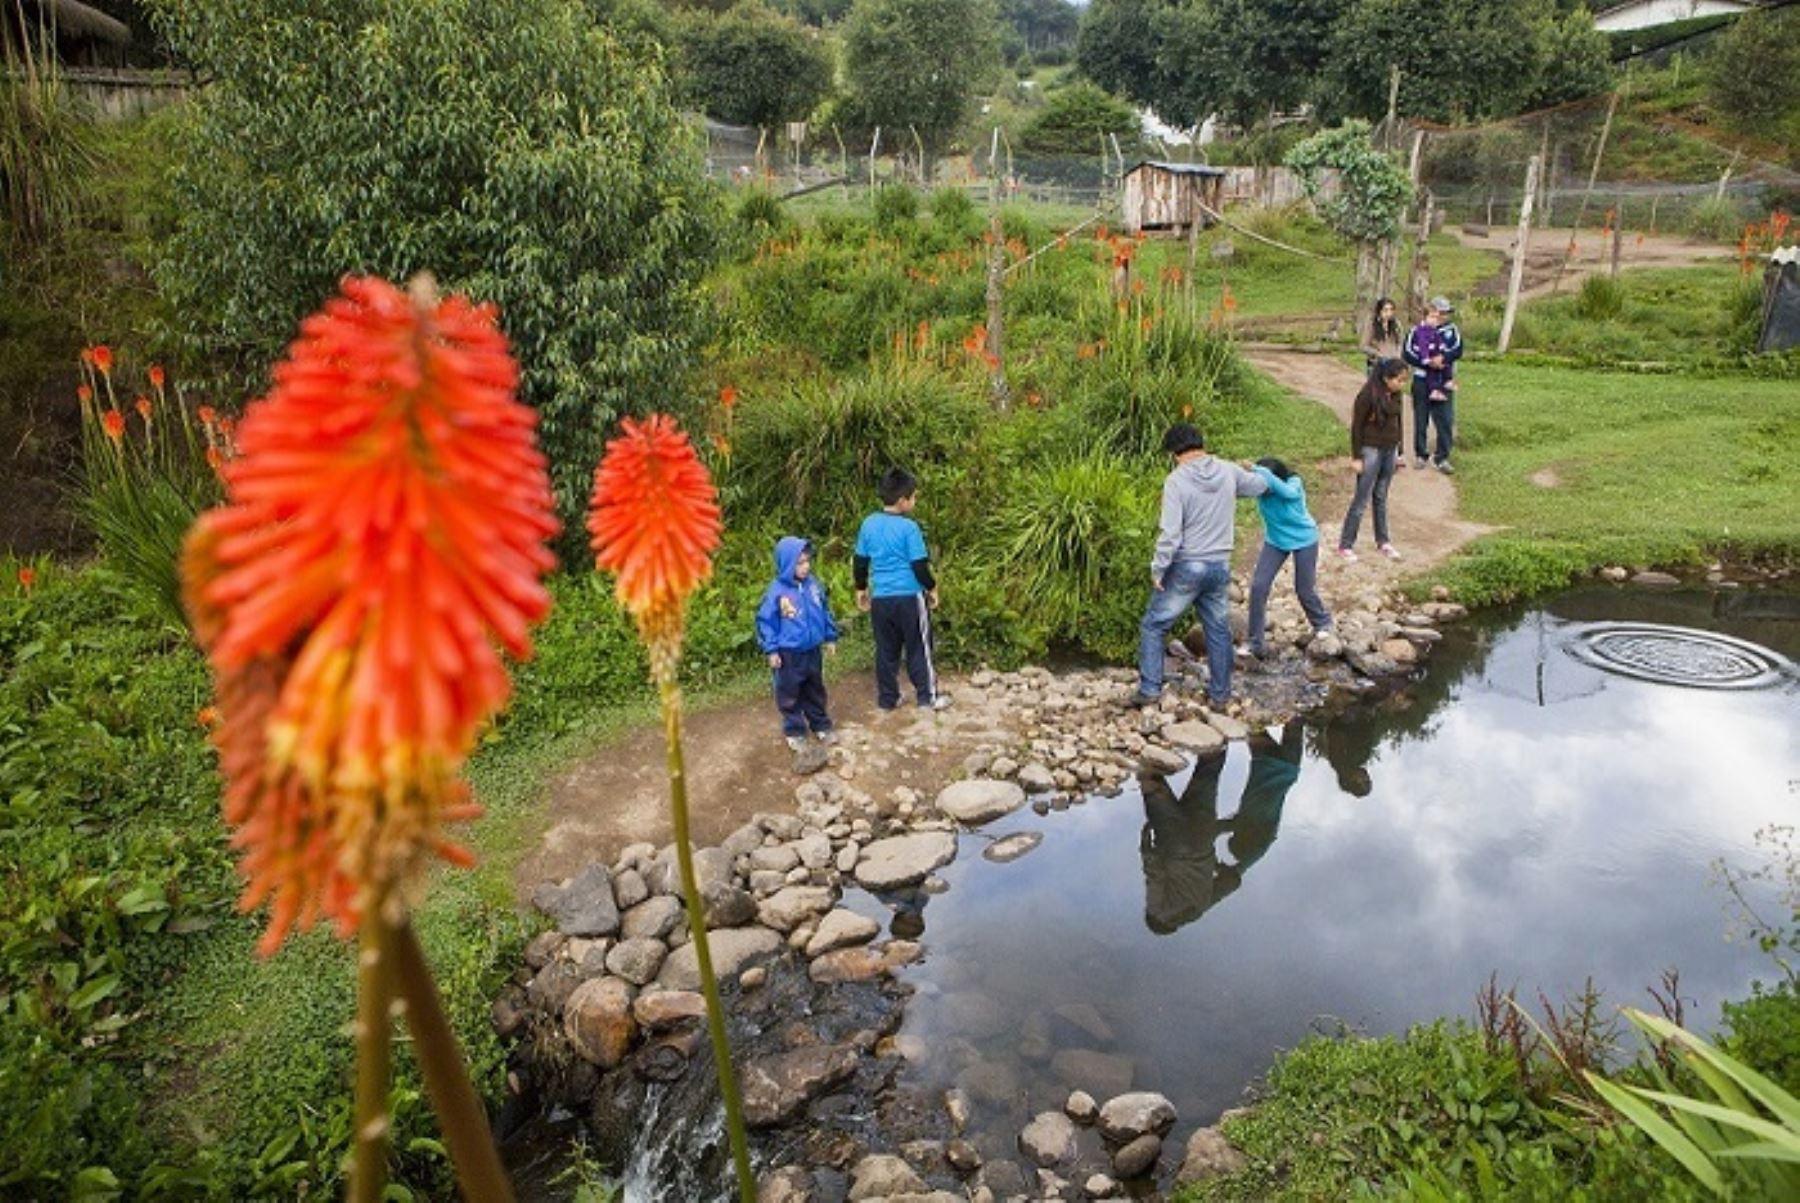 Turismo rural comunitario. Foto: Cortesía.